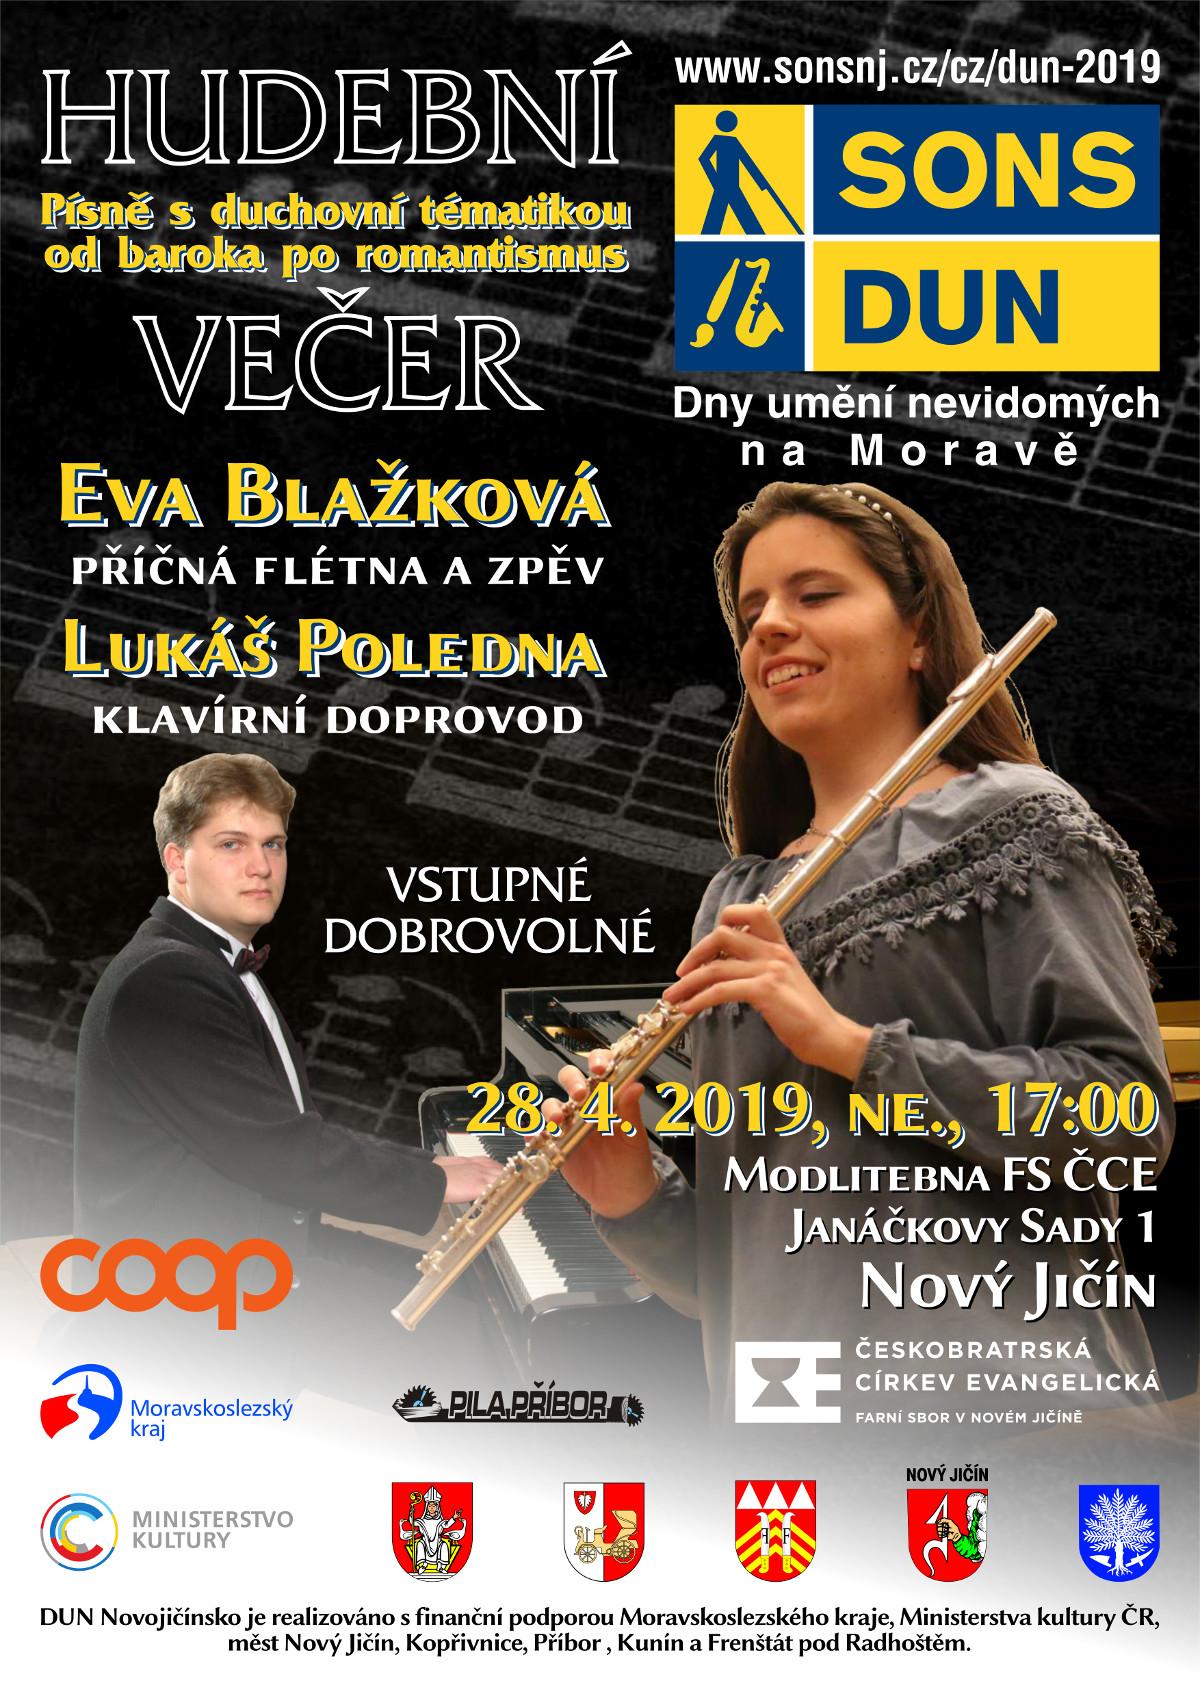 Pozvánka na hudební večer DUN v Novém Jičíně.